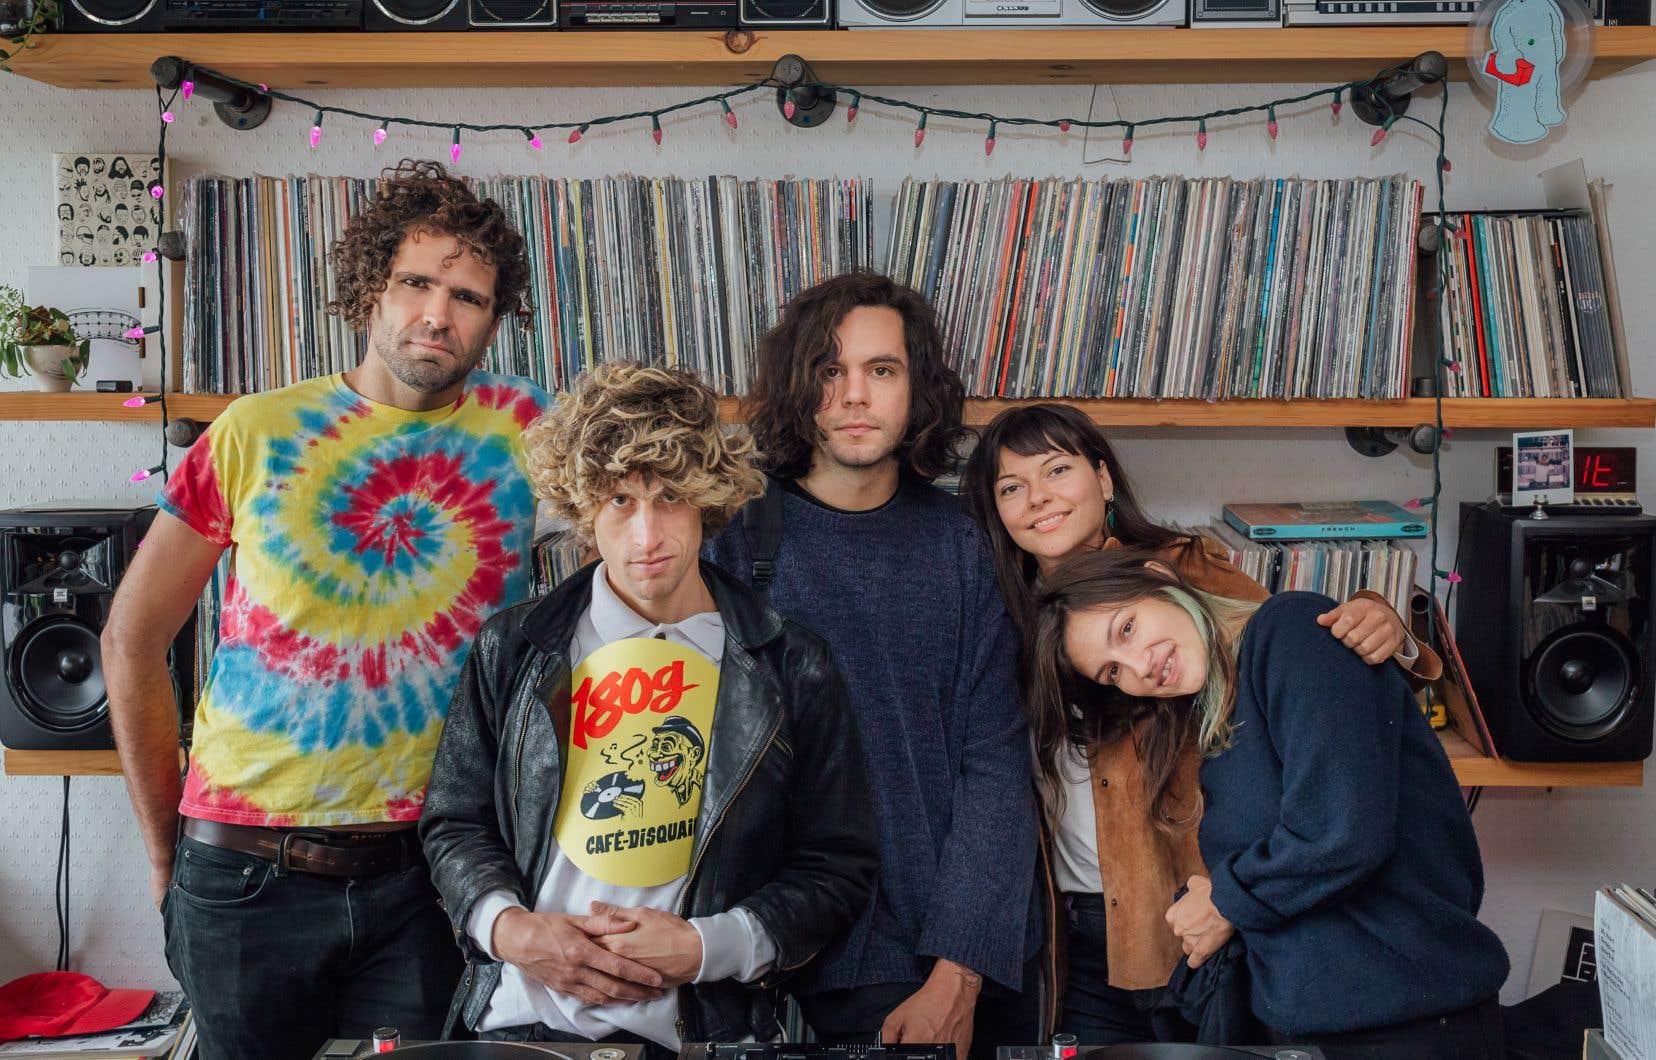 Le groupe Bon Enfant à l'occasion de la sortie de «Diorama»: de la chanson pour s'échapper, une invitation à s'évader d'un quotidien encore balisé par les restrictions.